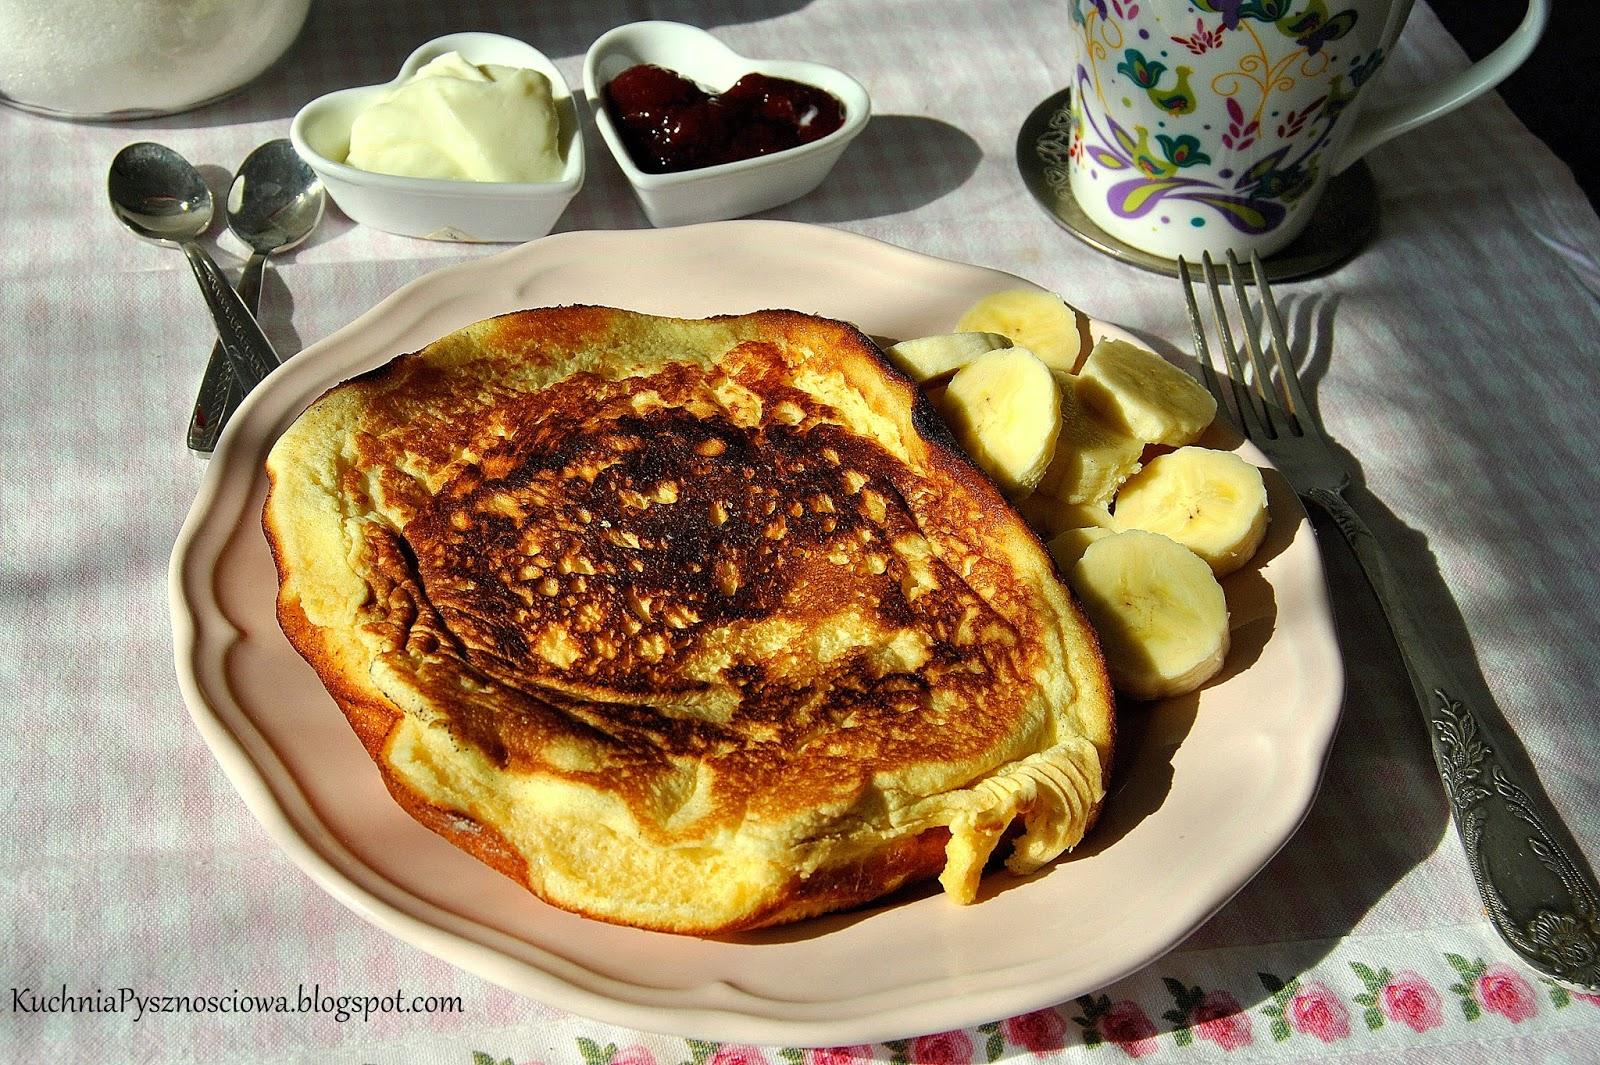 319. Omlet biszkoptowy na słodkie śniadanie